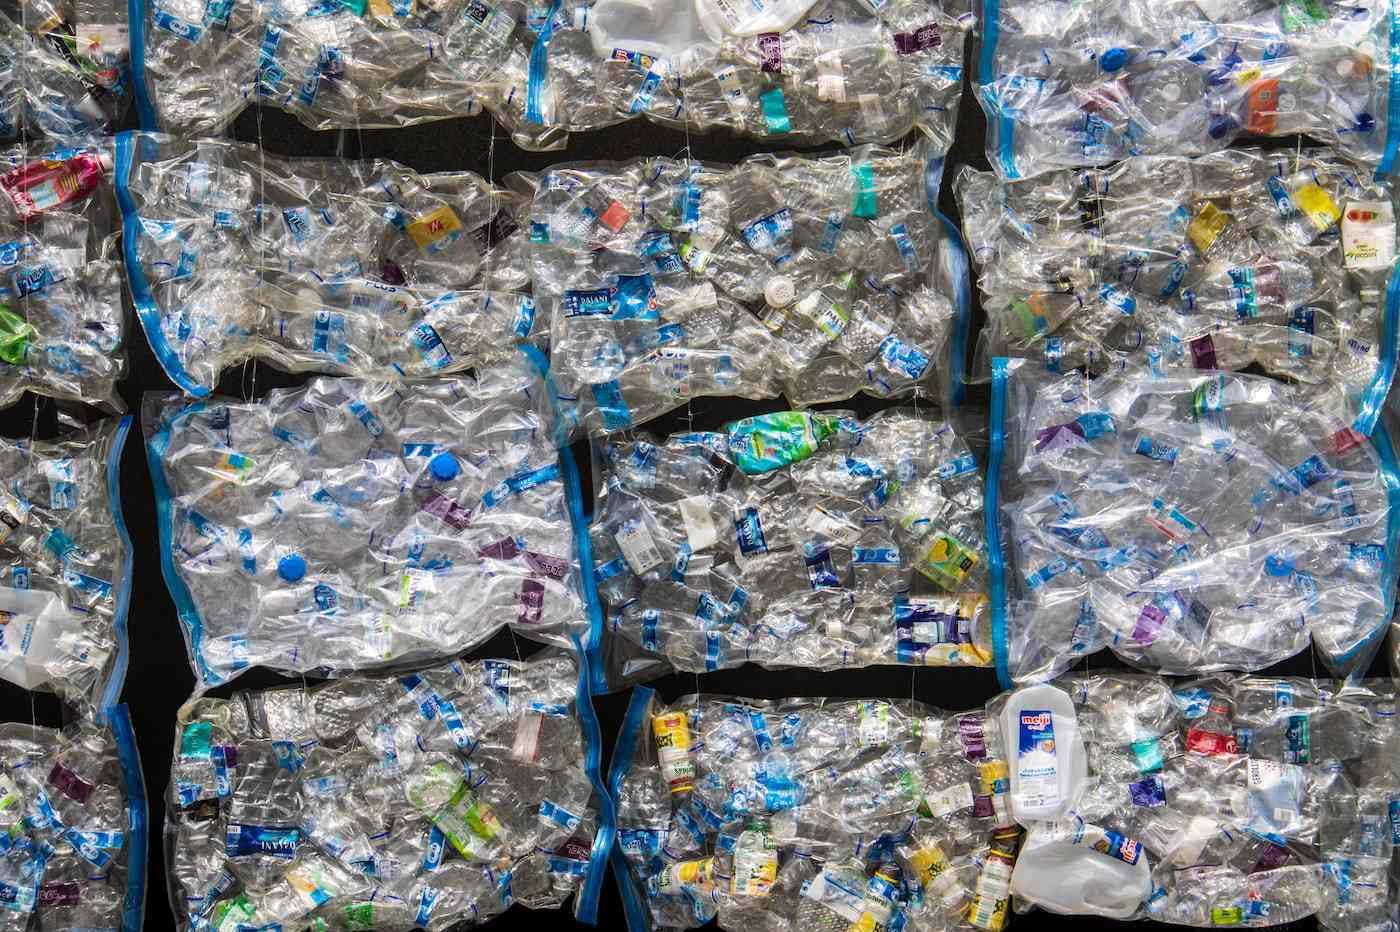 Plastique Pollution Decouverte Recyclage